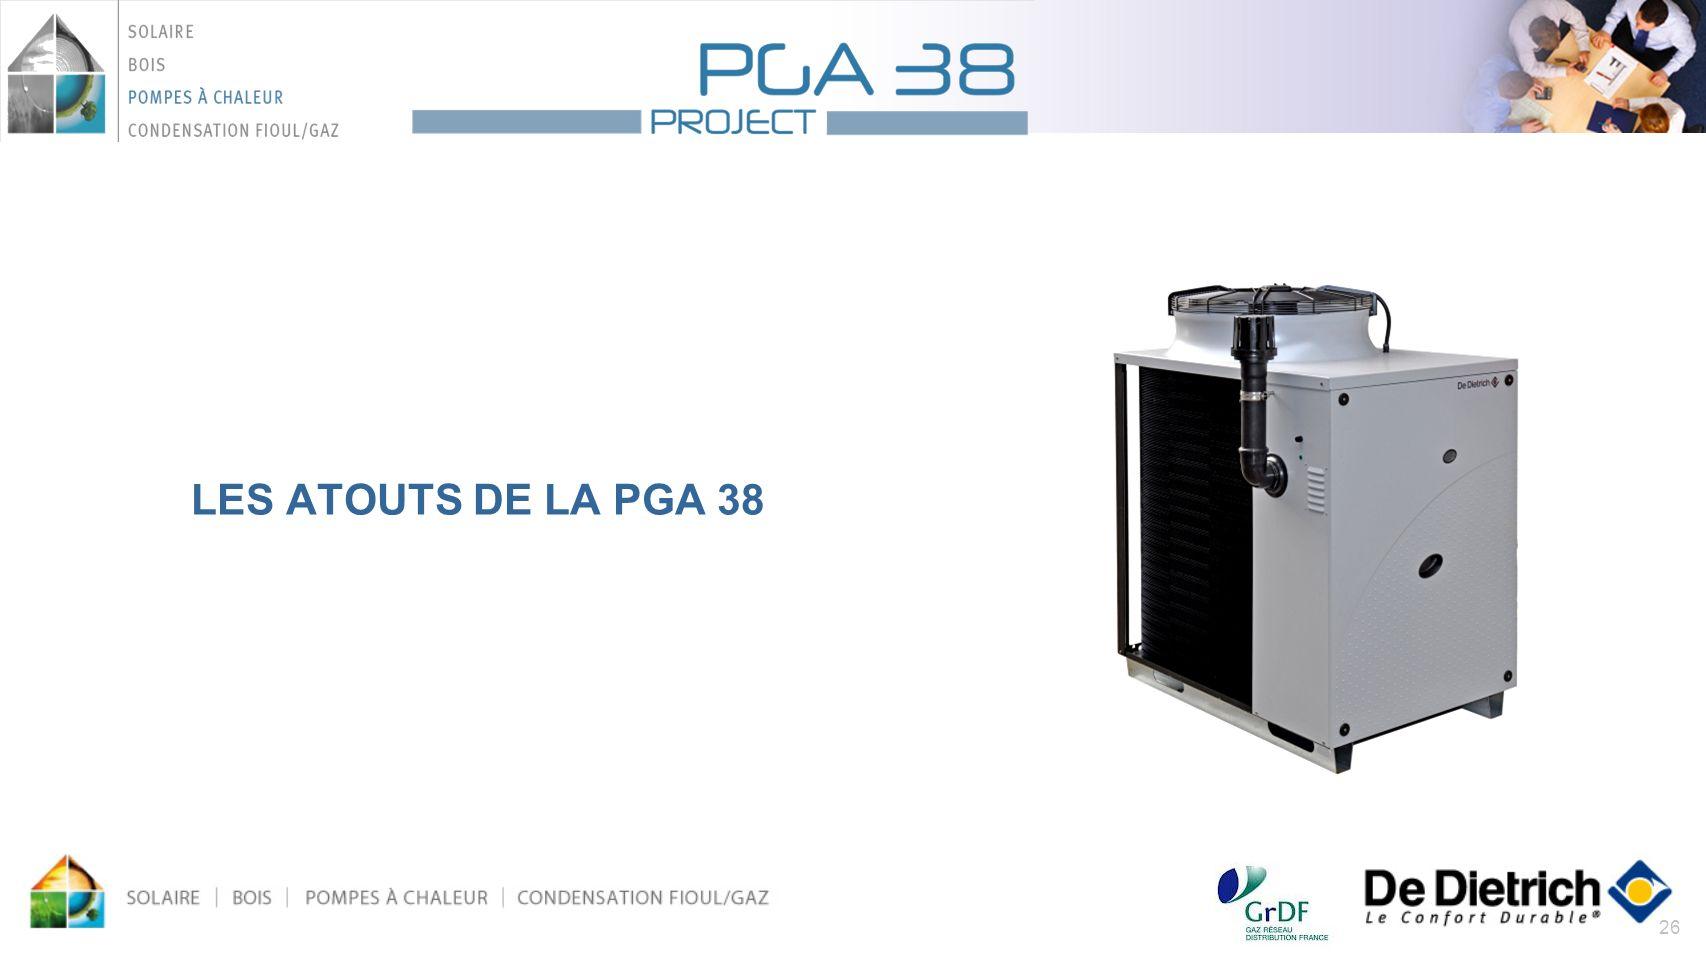 LES ATOUTS DE LA PGA 38